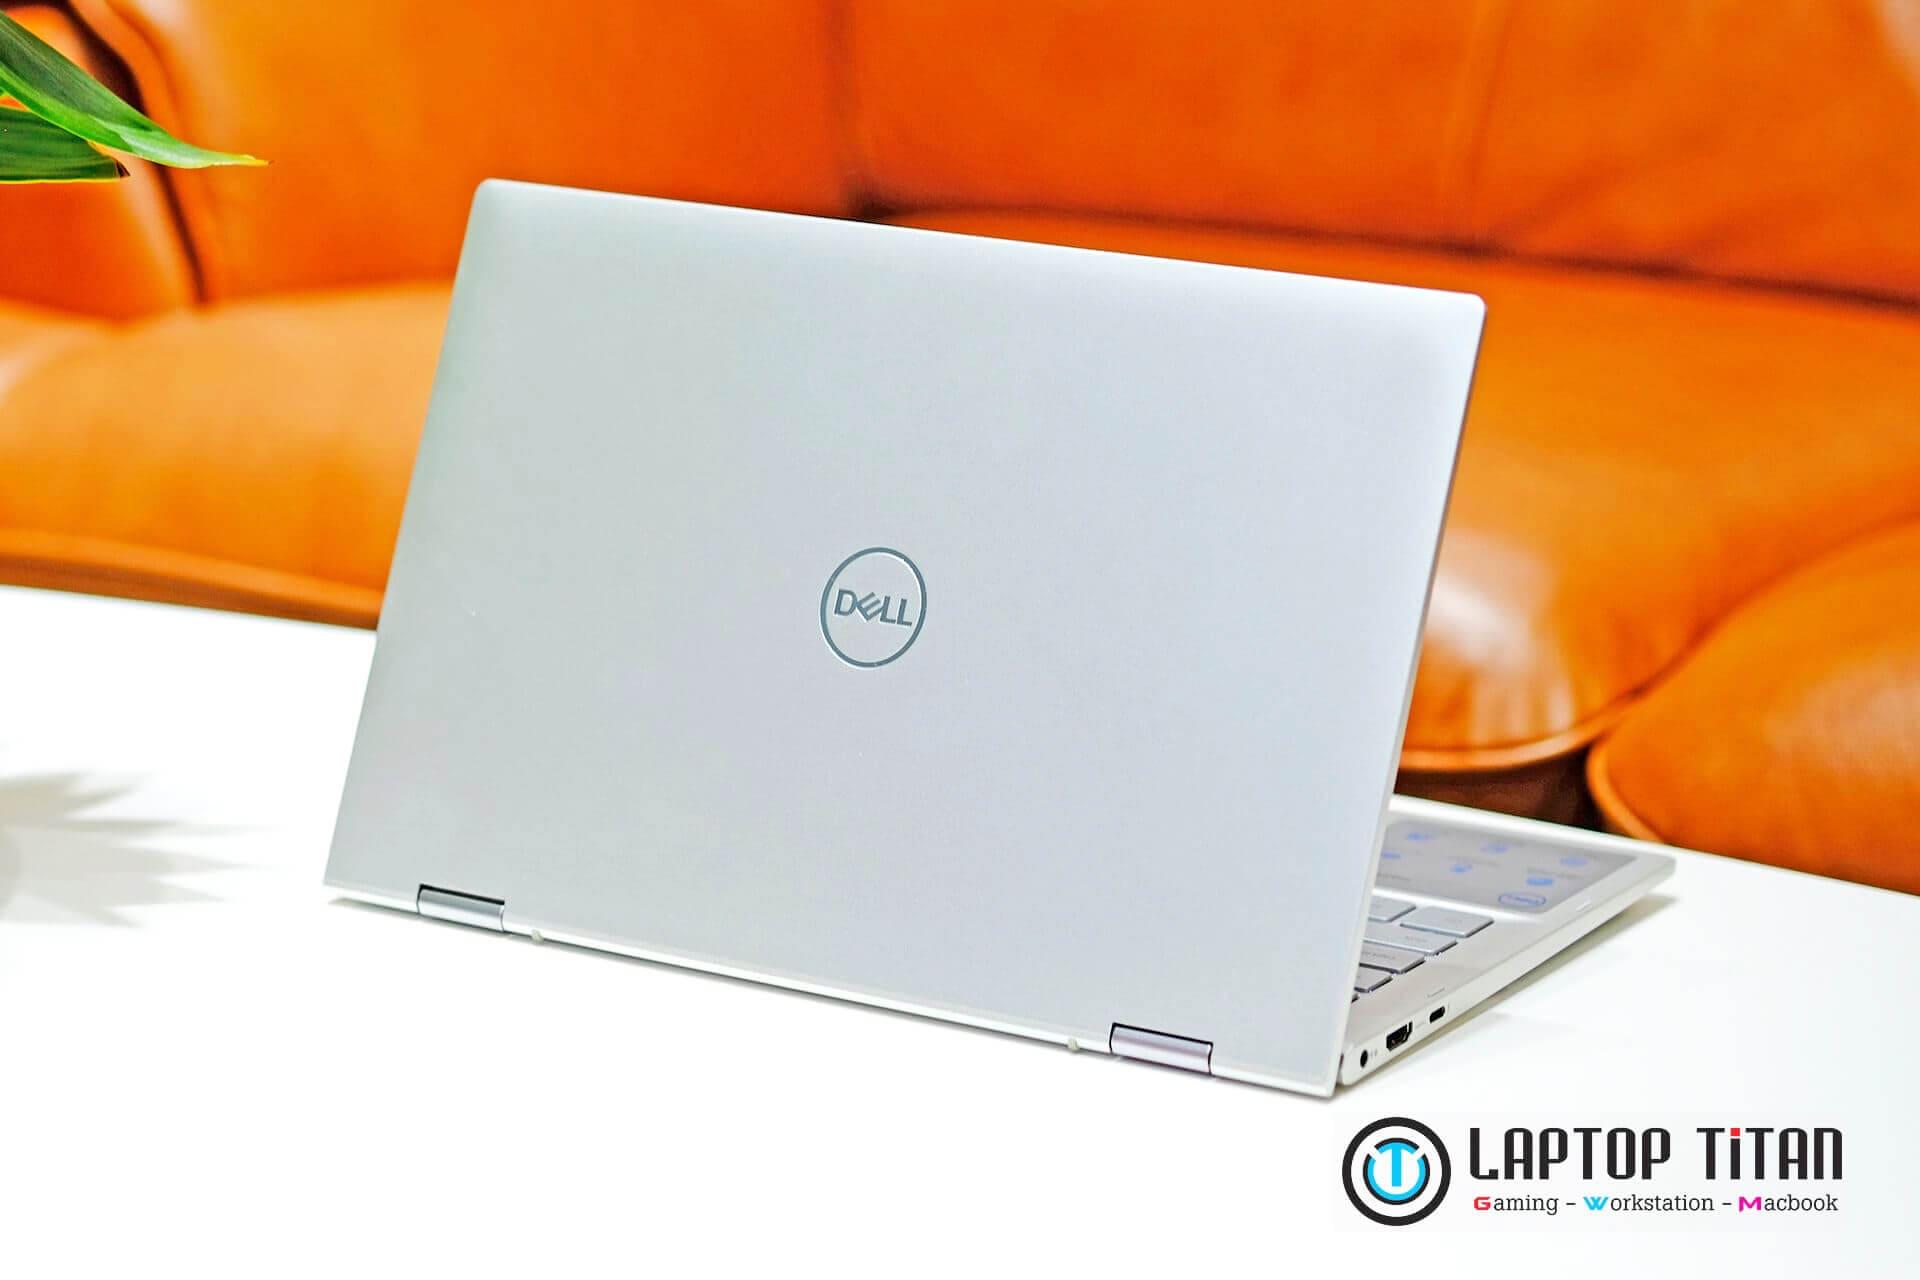 Dell Inspiron 7306 2 In 1 White 11